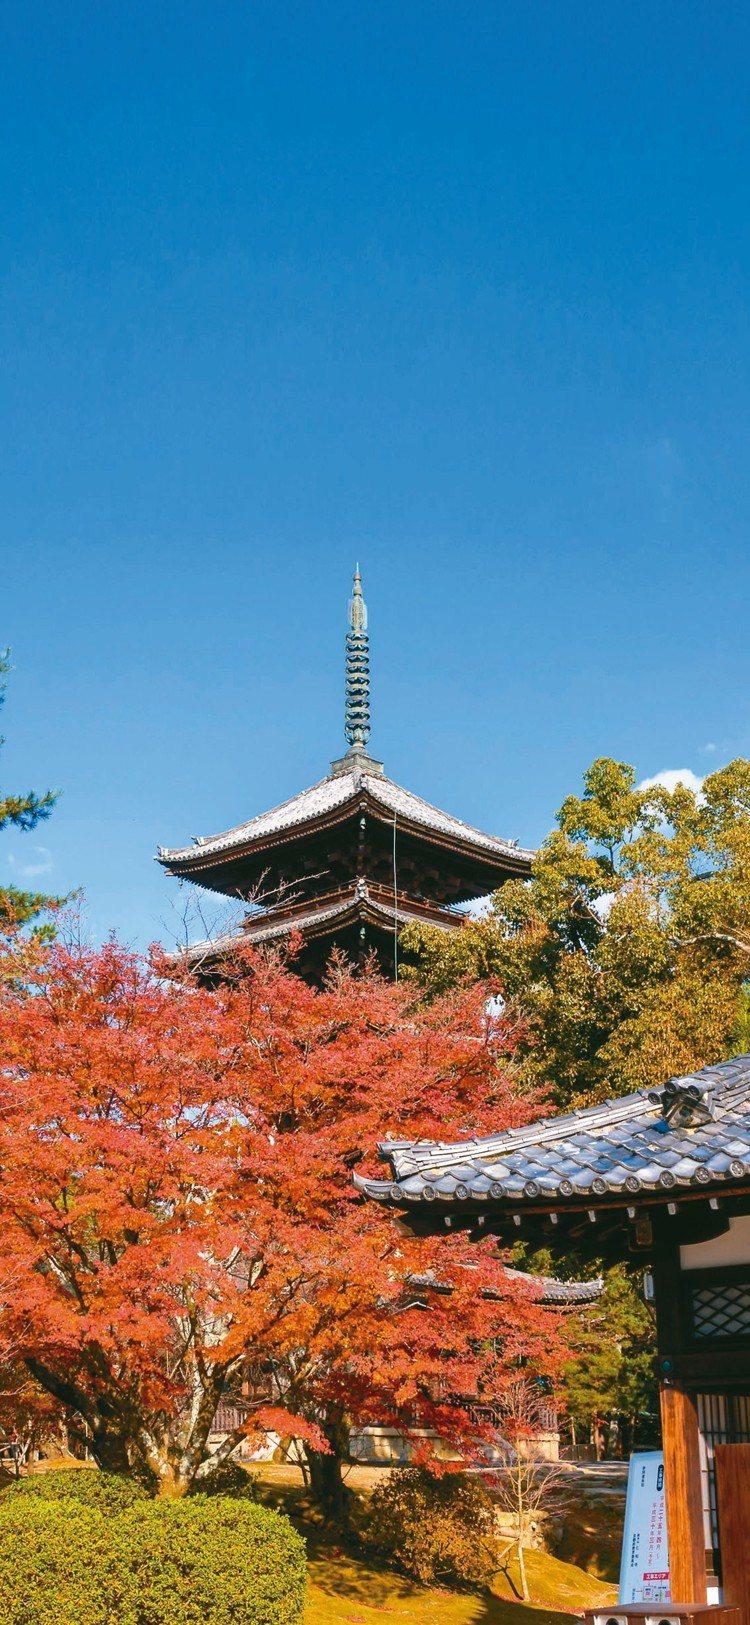 仁和寺境內與國寶金堂及五重塔相互輝映的紅葉光彩耀目。 圖/梁旅珠提供